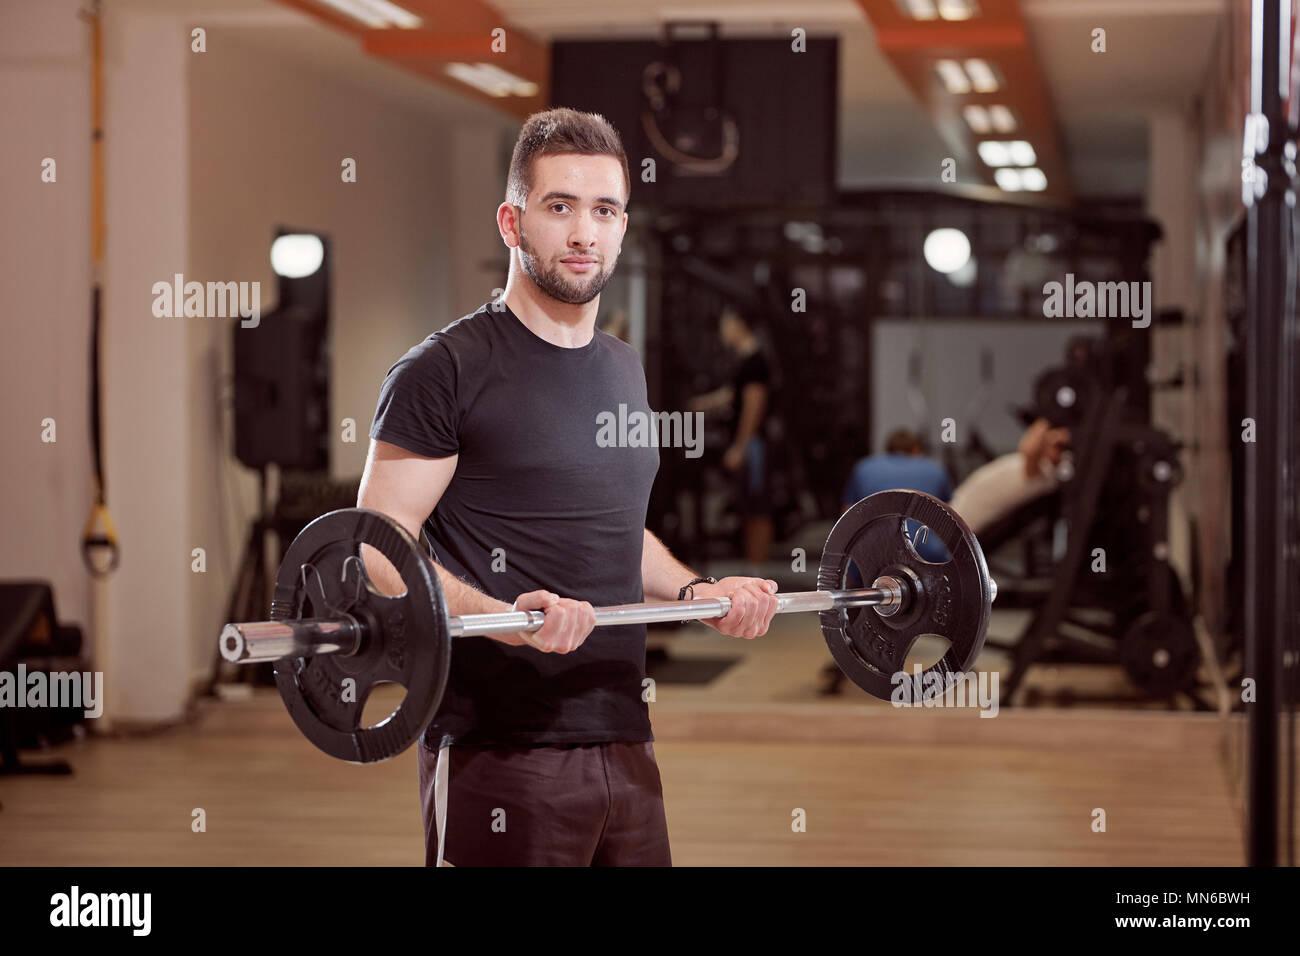 Un giovane uomo che pongono, media ordinaria cercando, tenendo barbell con pesi, esercizio in palestra. Irriconoscibile la persona dietro (al di fuori della messa a fuoco). Immagini Stock